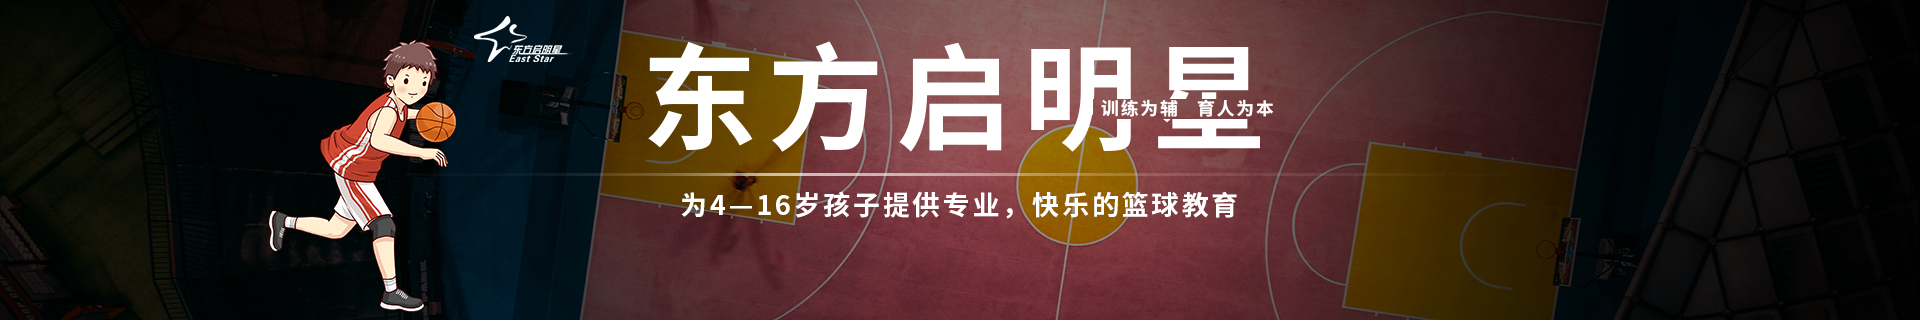 苏州工业园水墨三十度东方启明星篮球培训